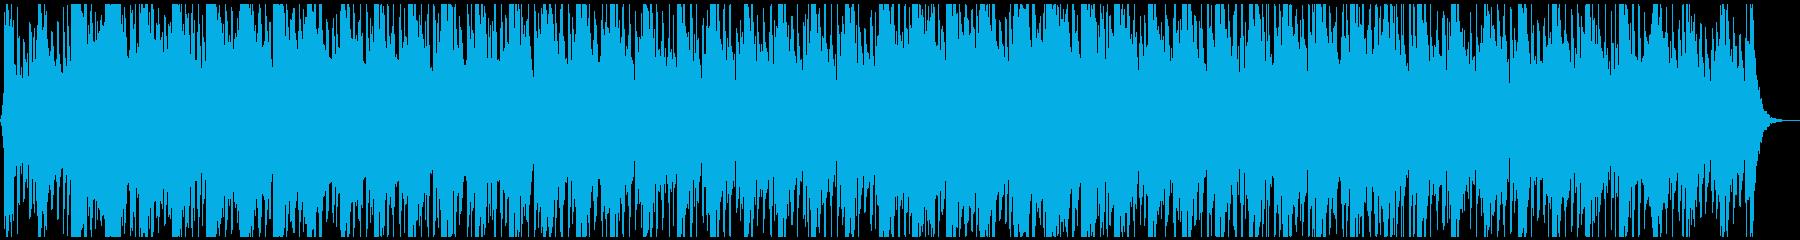 アクション映画音楽のようなパワフルな楽曲の再生済みの波形